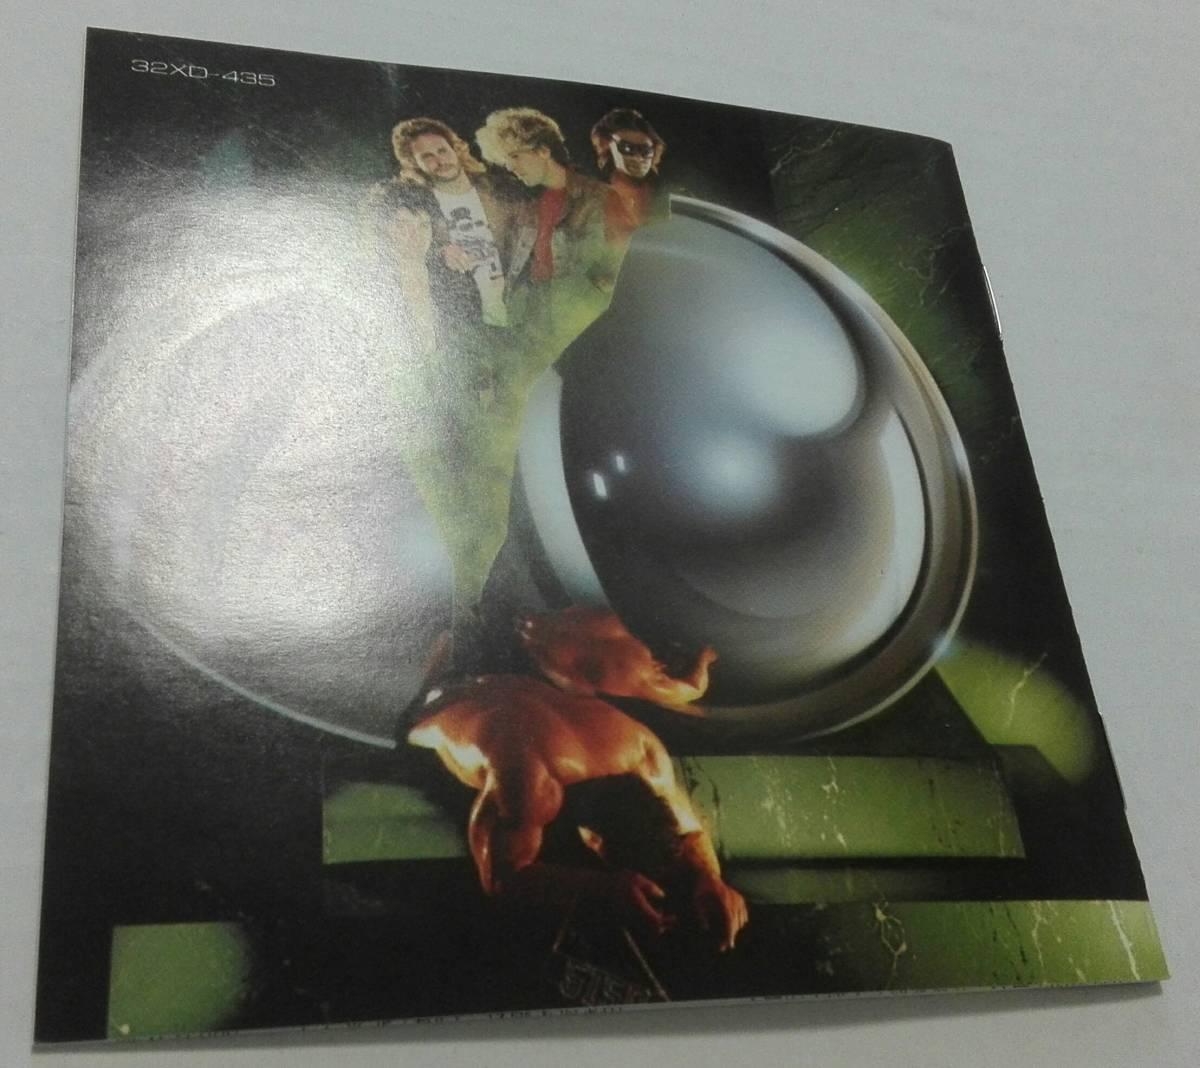 稀少!極美品!国内初期盤 シール帯 旧規格 CD VAN HALEN/5150★ヴァン・ヘイレン サミー・ヘイガー_画像6